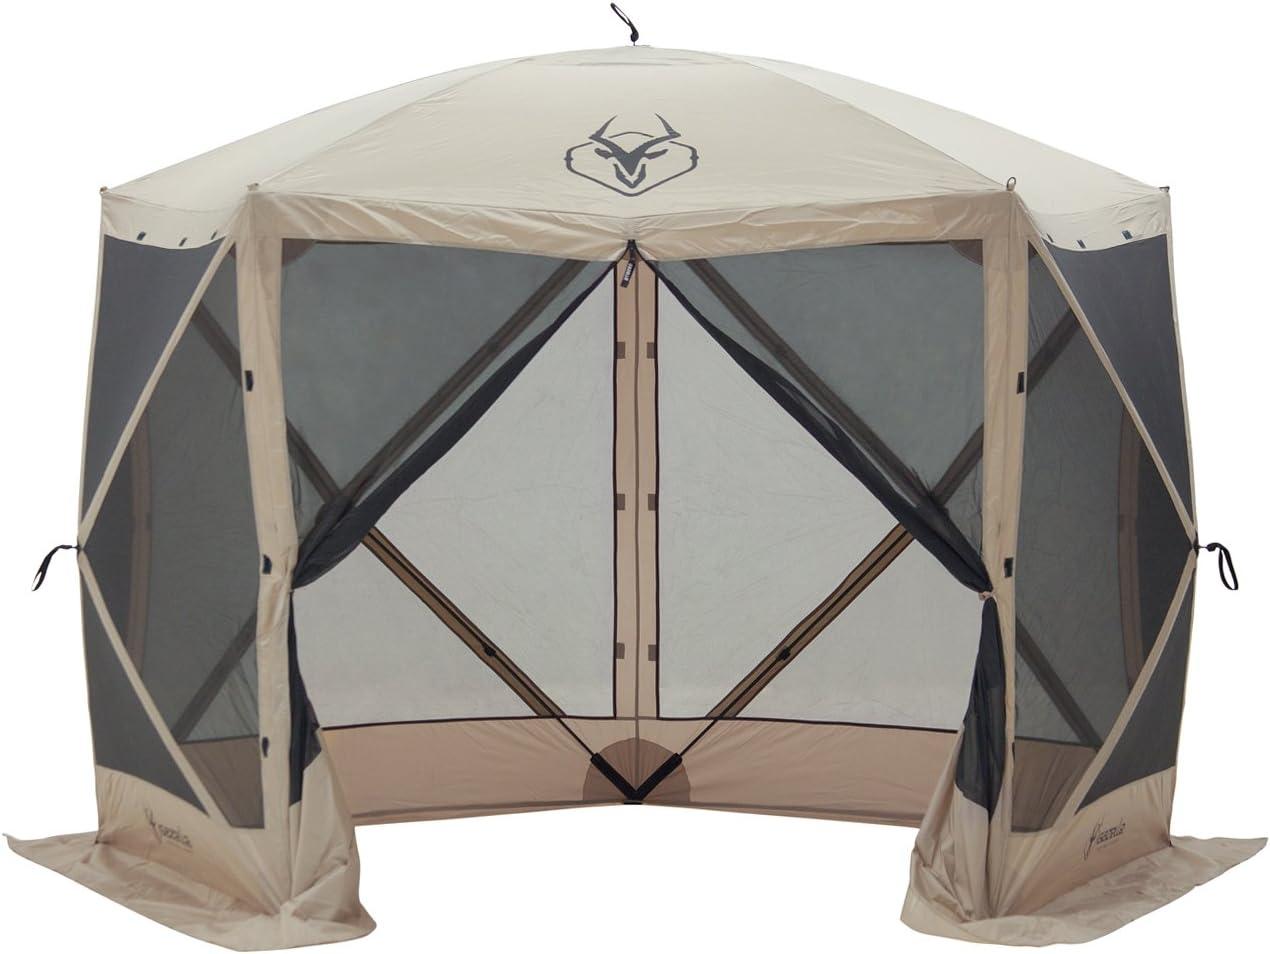 Clam Quick-Set Escape Portable Extérieur Gazebo Canopy marron Open Box Heavy Duty